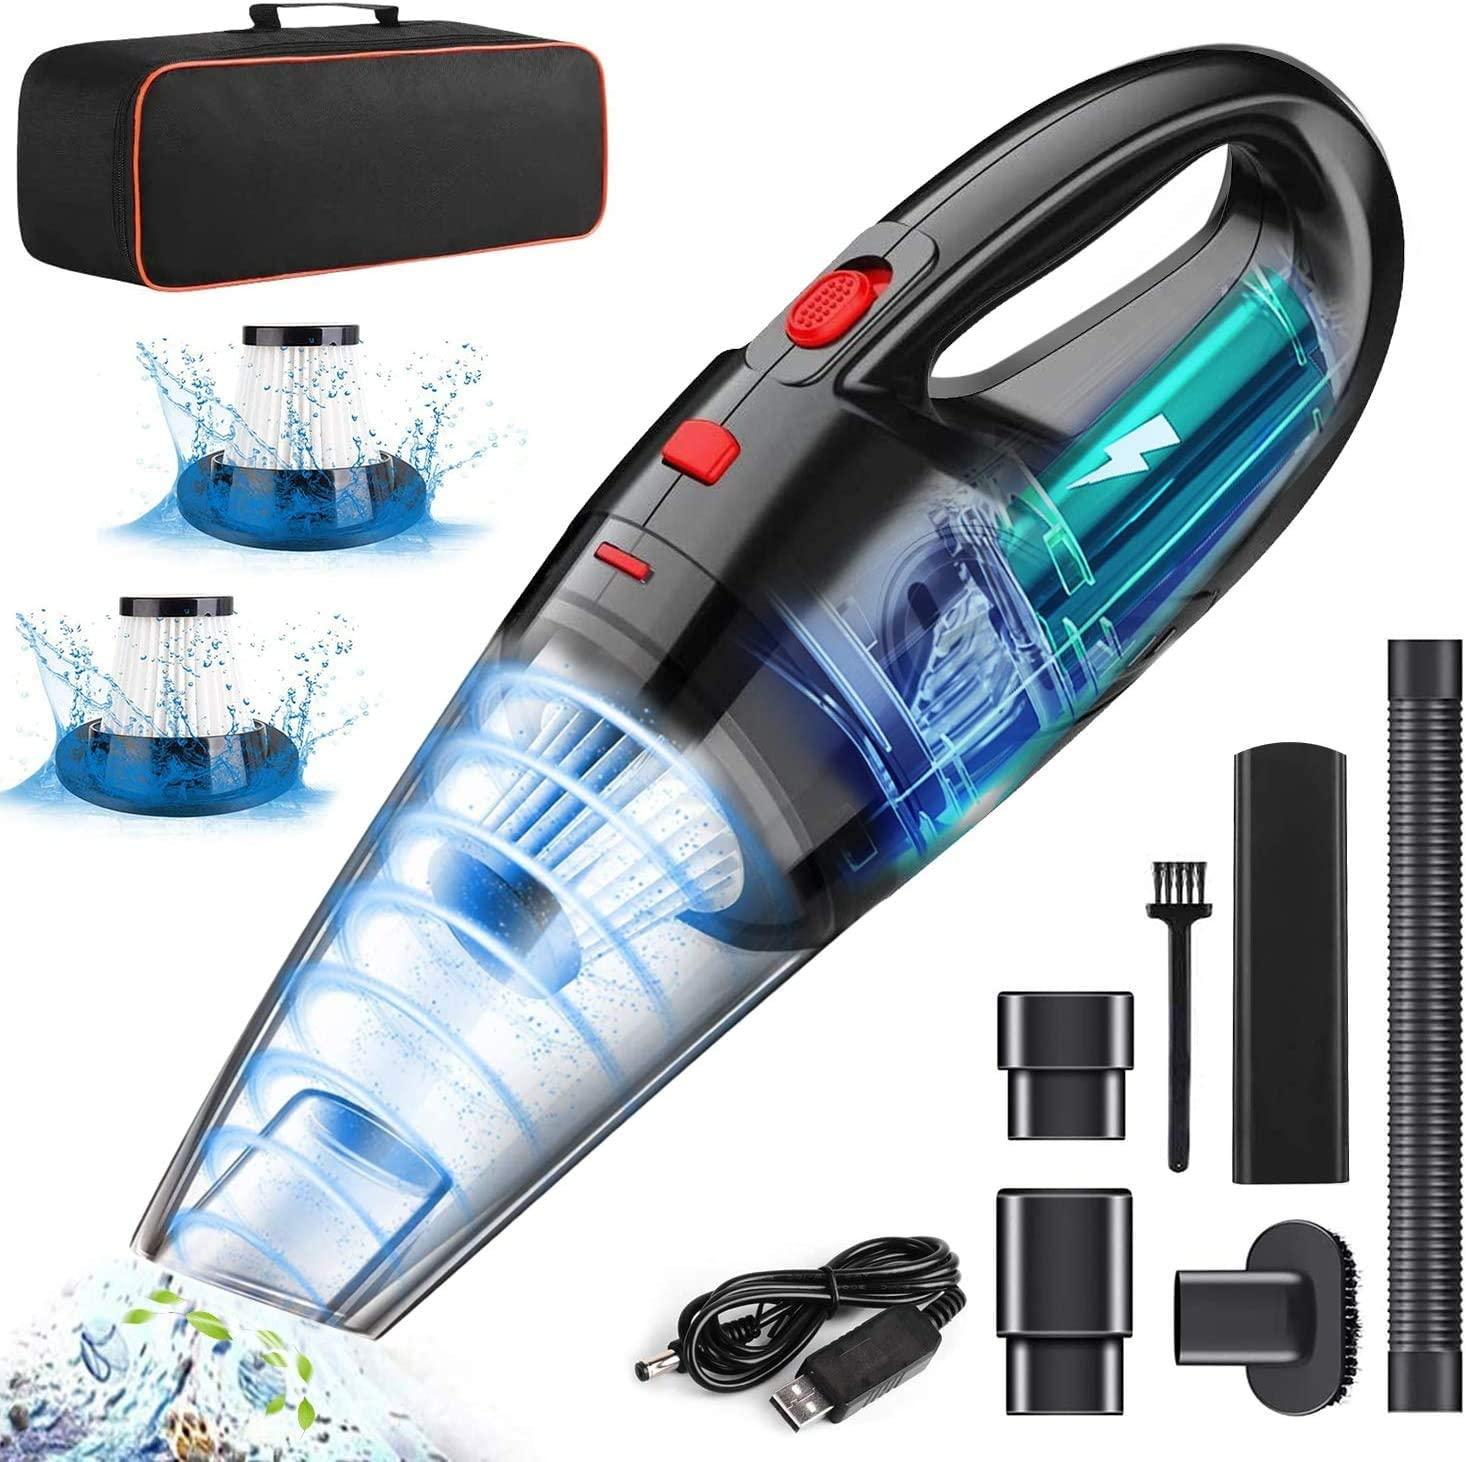 LETTURE - Aspiradora de Mano sin cable con 2 filtros lavable y batería recargable por USB